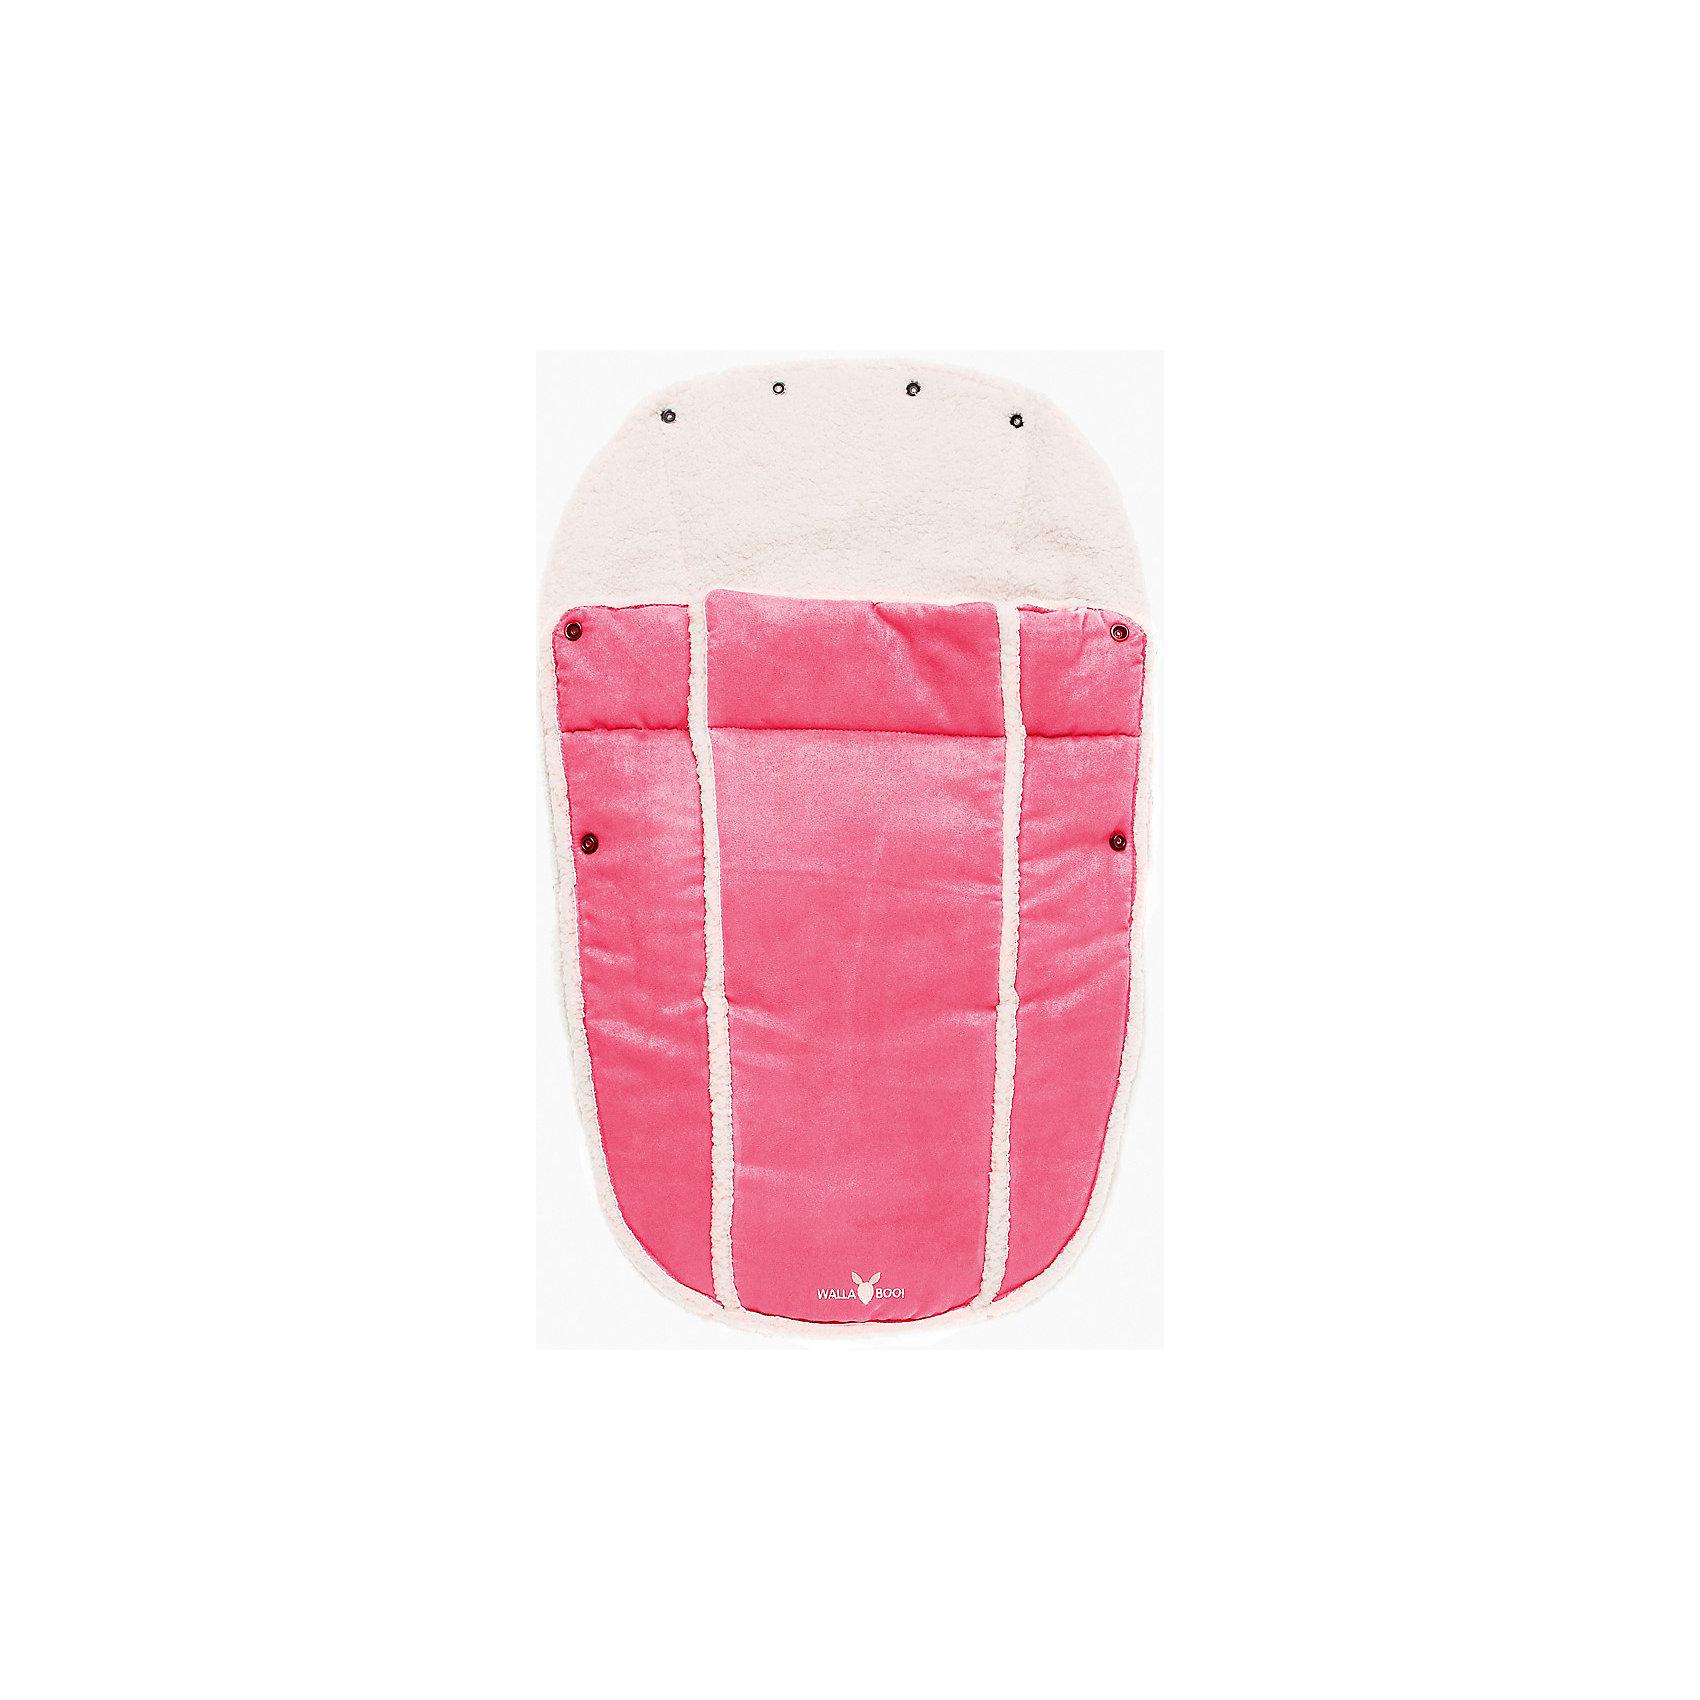 Конверт в коляску 0-12 месяцев, Wallaboo, розовый